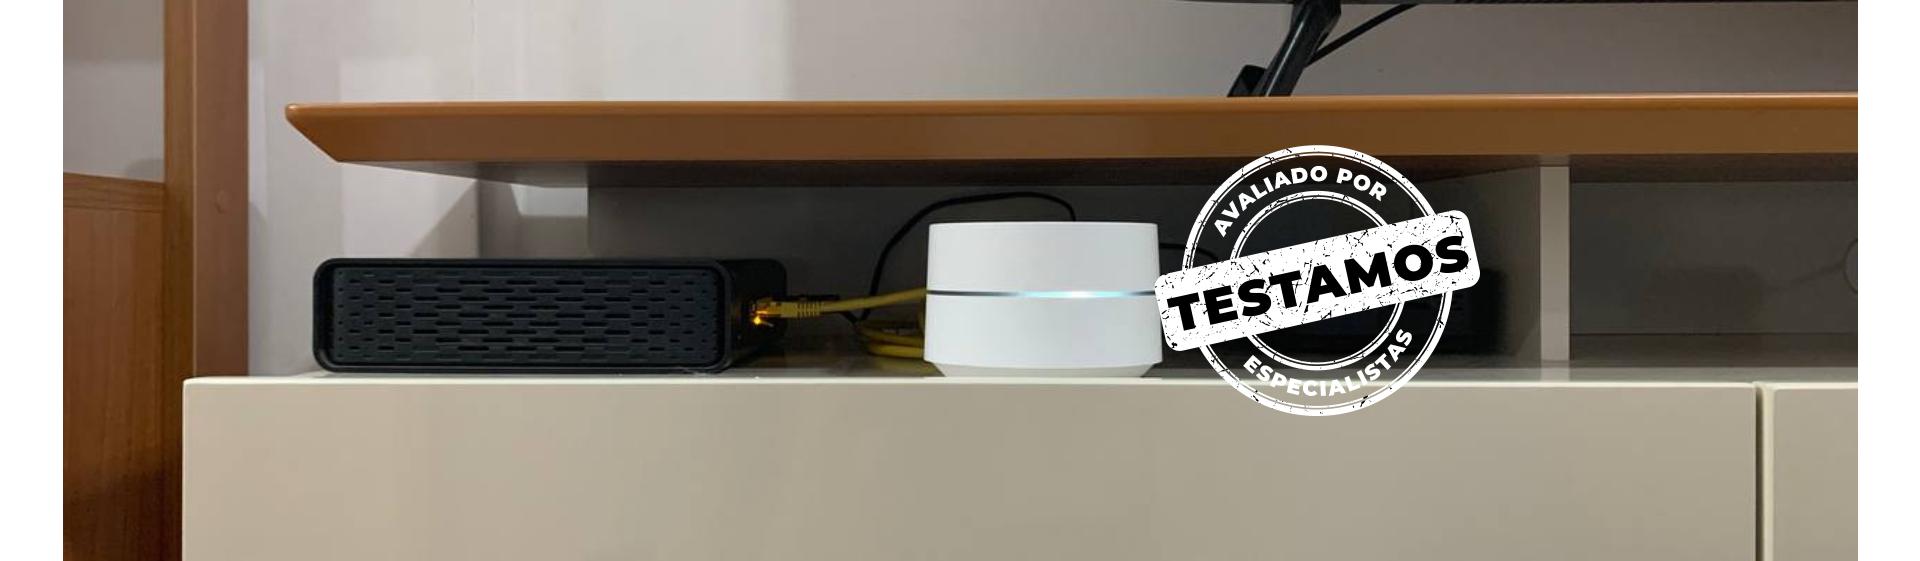 Google Wi-Fi: um roteador mesh de alcance excepcional